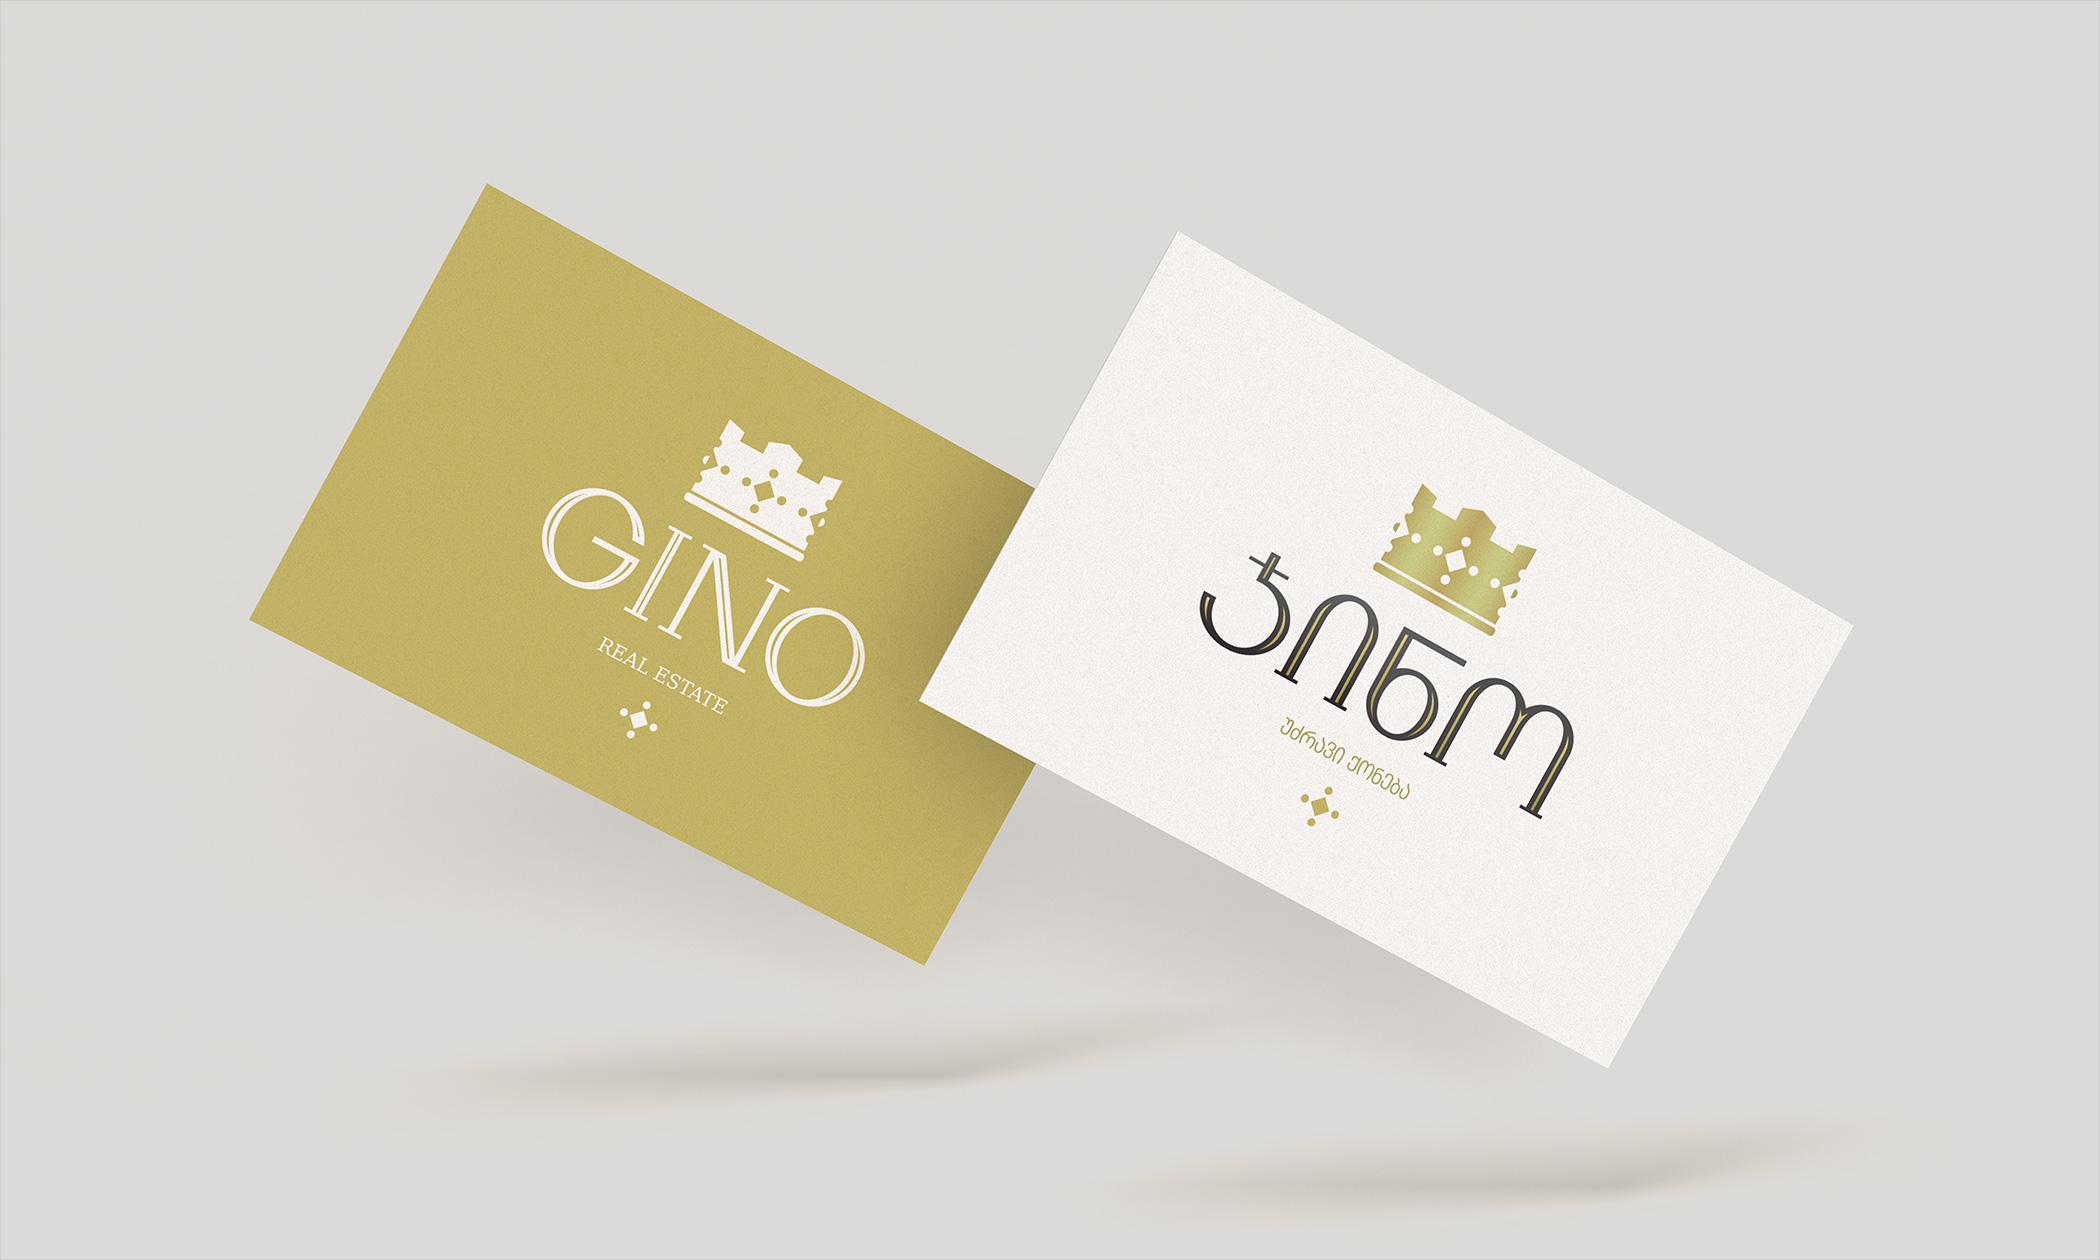 gino_3